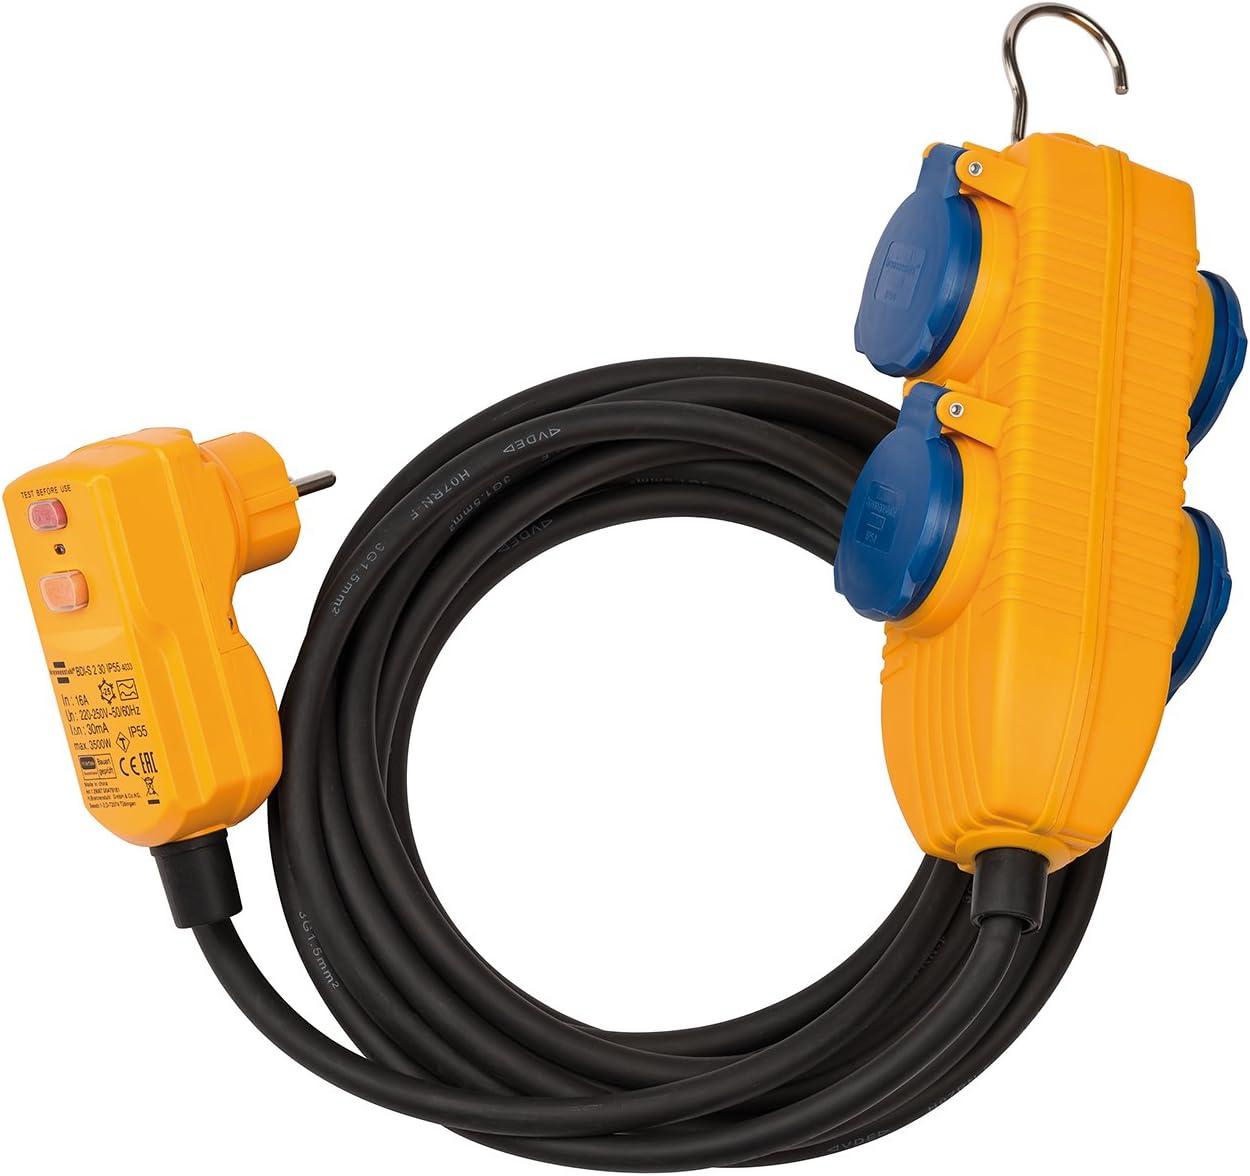 Brennenstuhl Schutzadapterkabel Fi Ip54 Mit Powerblock 4 Fach Verlängerung Für Außen Ip54 10m Kabel Mit Personenschutzschalter Baumarkt